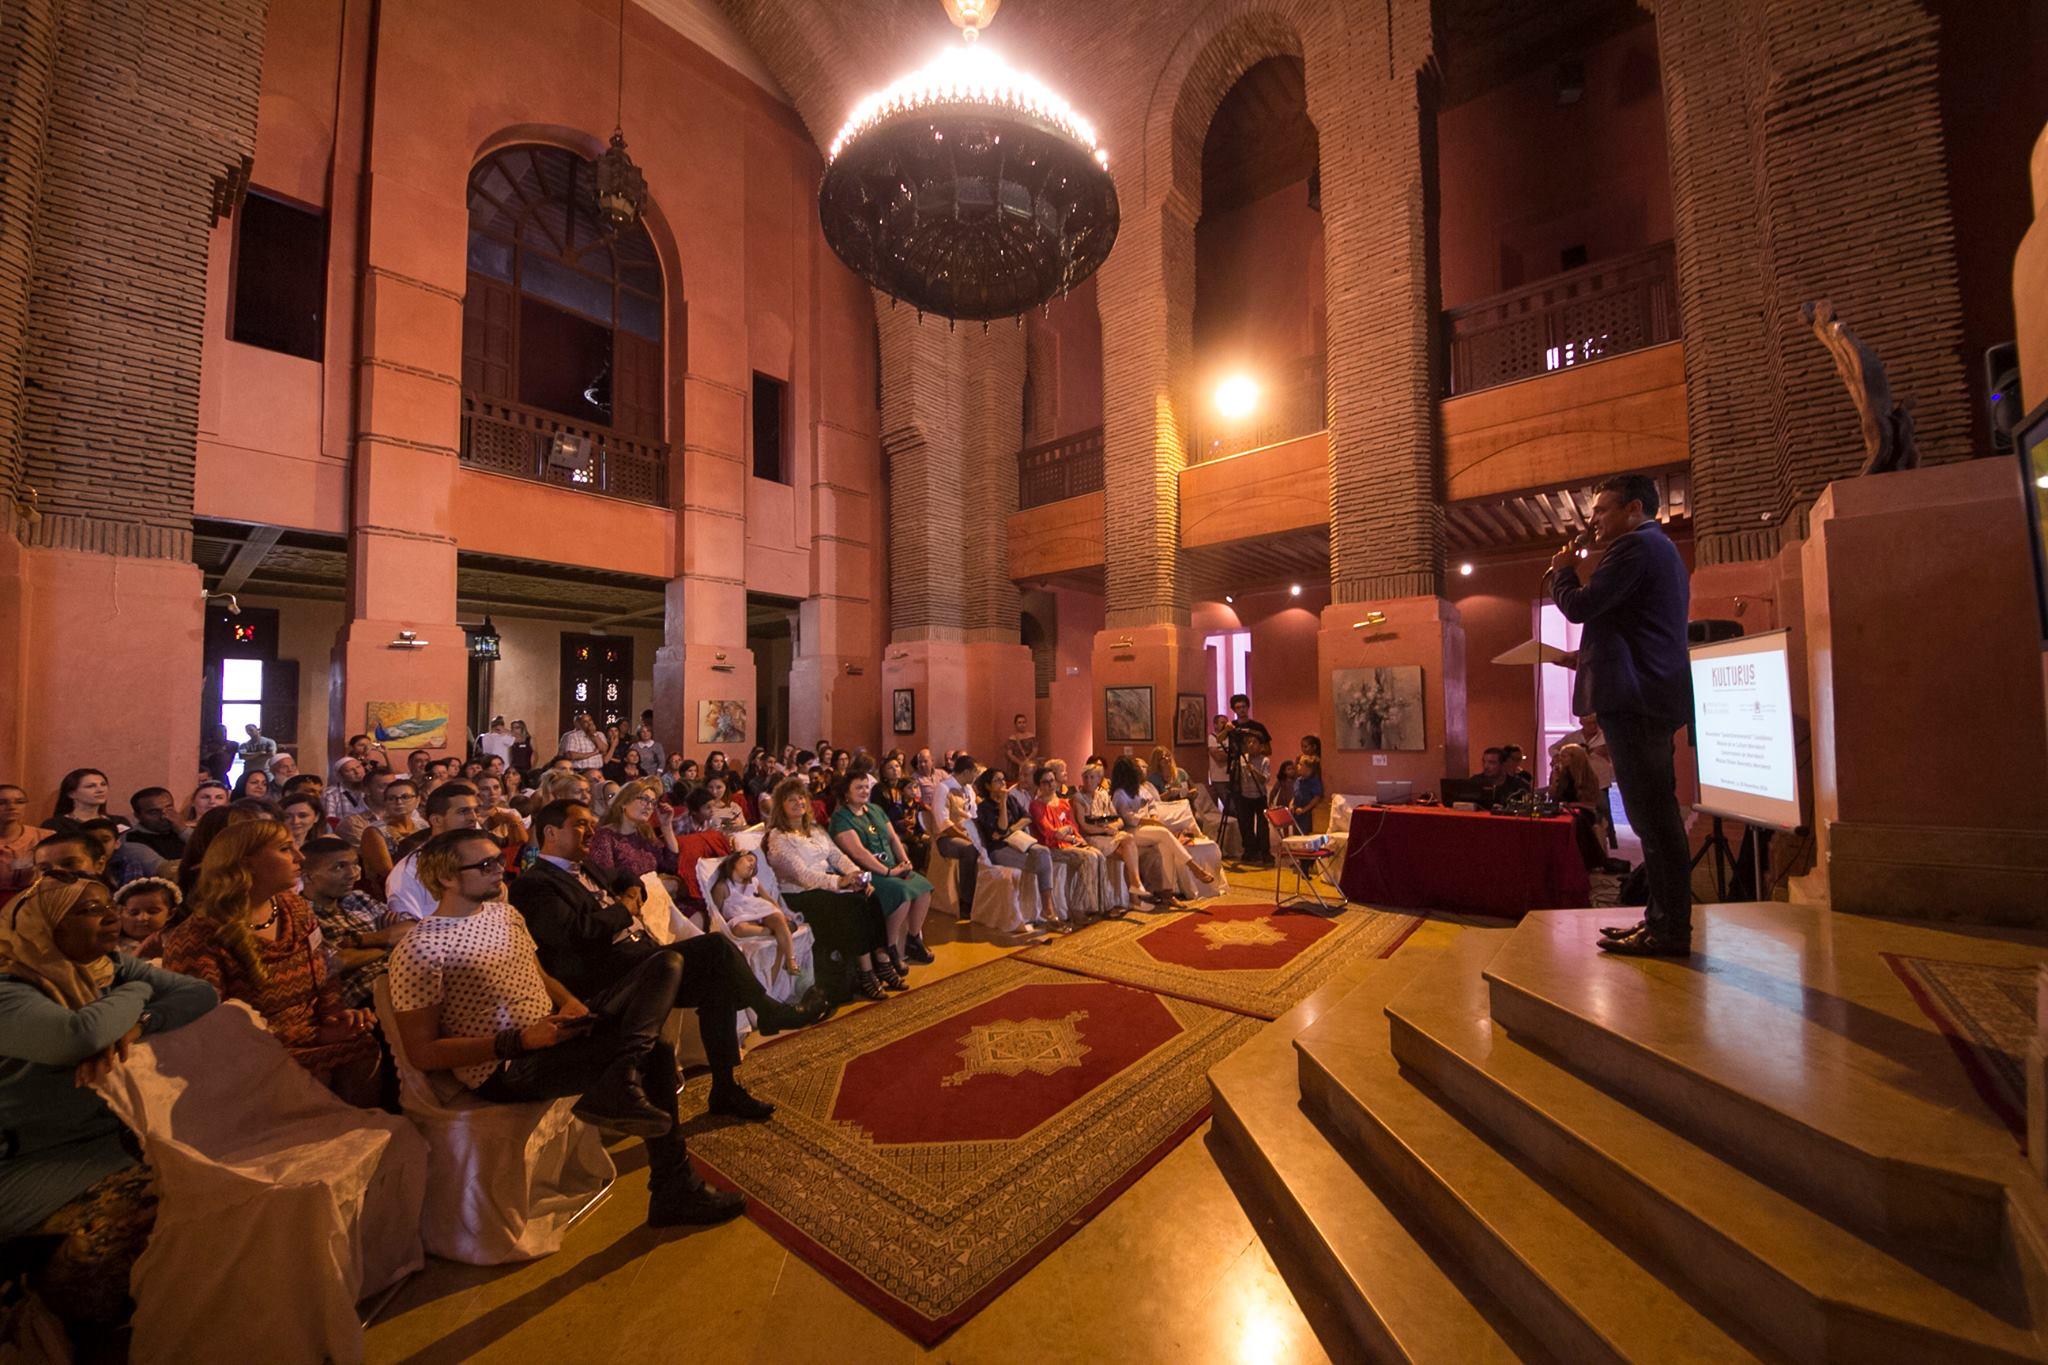 Завершился первый этап нашей литературной акции под названием Фестиваль искусств «Магреб аль-Акса», который был подготовлен и осуществлен МГП, Ассоциацией для продвижения русскоговорящей культуры в Марокко «КУЛЬТУРУС» и Ассоциацией русскоговорящих женщин Марокко «Соотечественницы». Фестиваль «Магреб аль-Акса» – уникальный проект, направленный на сохранение и приумножение культурного наследия стран, где проживают наши соотечественники. Он дал возможность познакомиться с творчеством как русскоговорящих, так и иностранных авторов. А так же преподнес нам всем шанс стать хоть чуточку, но ближе друг к другу. До начала фестиваля, на который прибыла наша делегация, организаторами фестивальной акции были проведены предварительные мероприятия. В том числе и соревнования между людьми творческих направлений по самым разным номинациям. Это были стихи и проза, живопись и музыка. Чуть раньше мы уже объявляли лонг-лист открытого многоуровневого конкурса, проводимого в преддверии Фестиваля искусств «Магреб аль-Акса», но еще раз повторимся и напомним, что авторы, попавшие в лонг-лист полуфинала, автоматически перешли в финал конкурса и в его длинный список. А вот кто попадет в короткий список и станет победителем, будет известно весной 2017 года на последних мероприятиях уже в Израиле. Заключительный этап – Фестиваль искусств «Барабан Страдивари» – состоится с 30 апреля по 7 мая на восточном побережье Средиземного моря. Заявки на участие в конкурсах и фестивале принимаются. Дополним только тем, что авторы могут по желанию принять участие и в тех номинациях, которые на данный момент ими остались еще пока без внимания, а также поучаствовать в новых. Будем рады видеть новые лица и новых творцов. Следите за нашей информацией. Итак, фестиваль искусств «Магреб аль-Акса» стартовал в Марракеше и продолжился в Касабланке. Открытие состоялось 30 октября в Королевском театре. Церемонию вели Лада Баумгартен – писатель, ответственный секретарь МГП и Михаил Сафронов – актер, художественный руковод